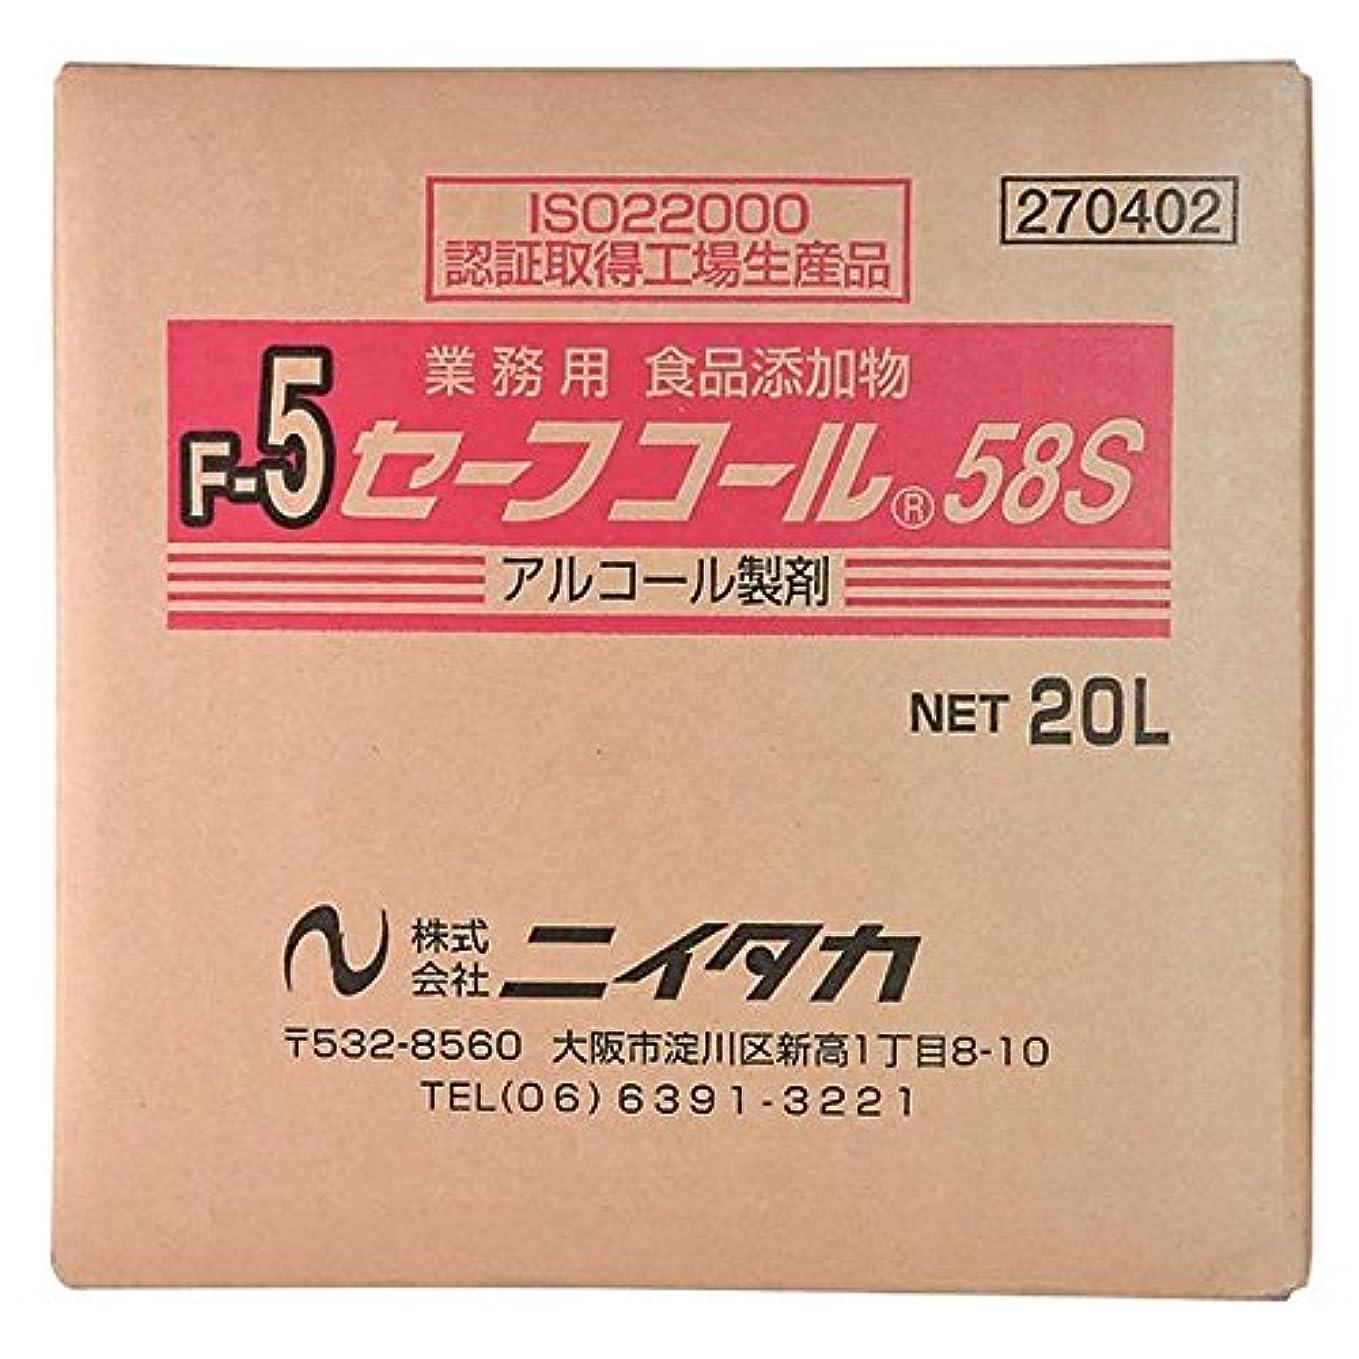 石アパート思いやりニイタカ:セーフコール58S(F-5) 20L(BIB) 270402